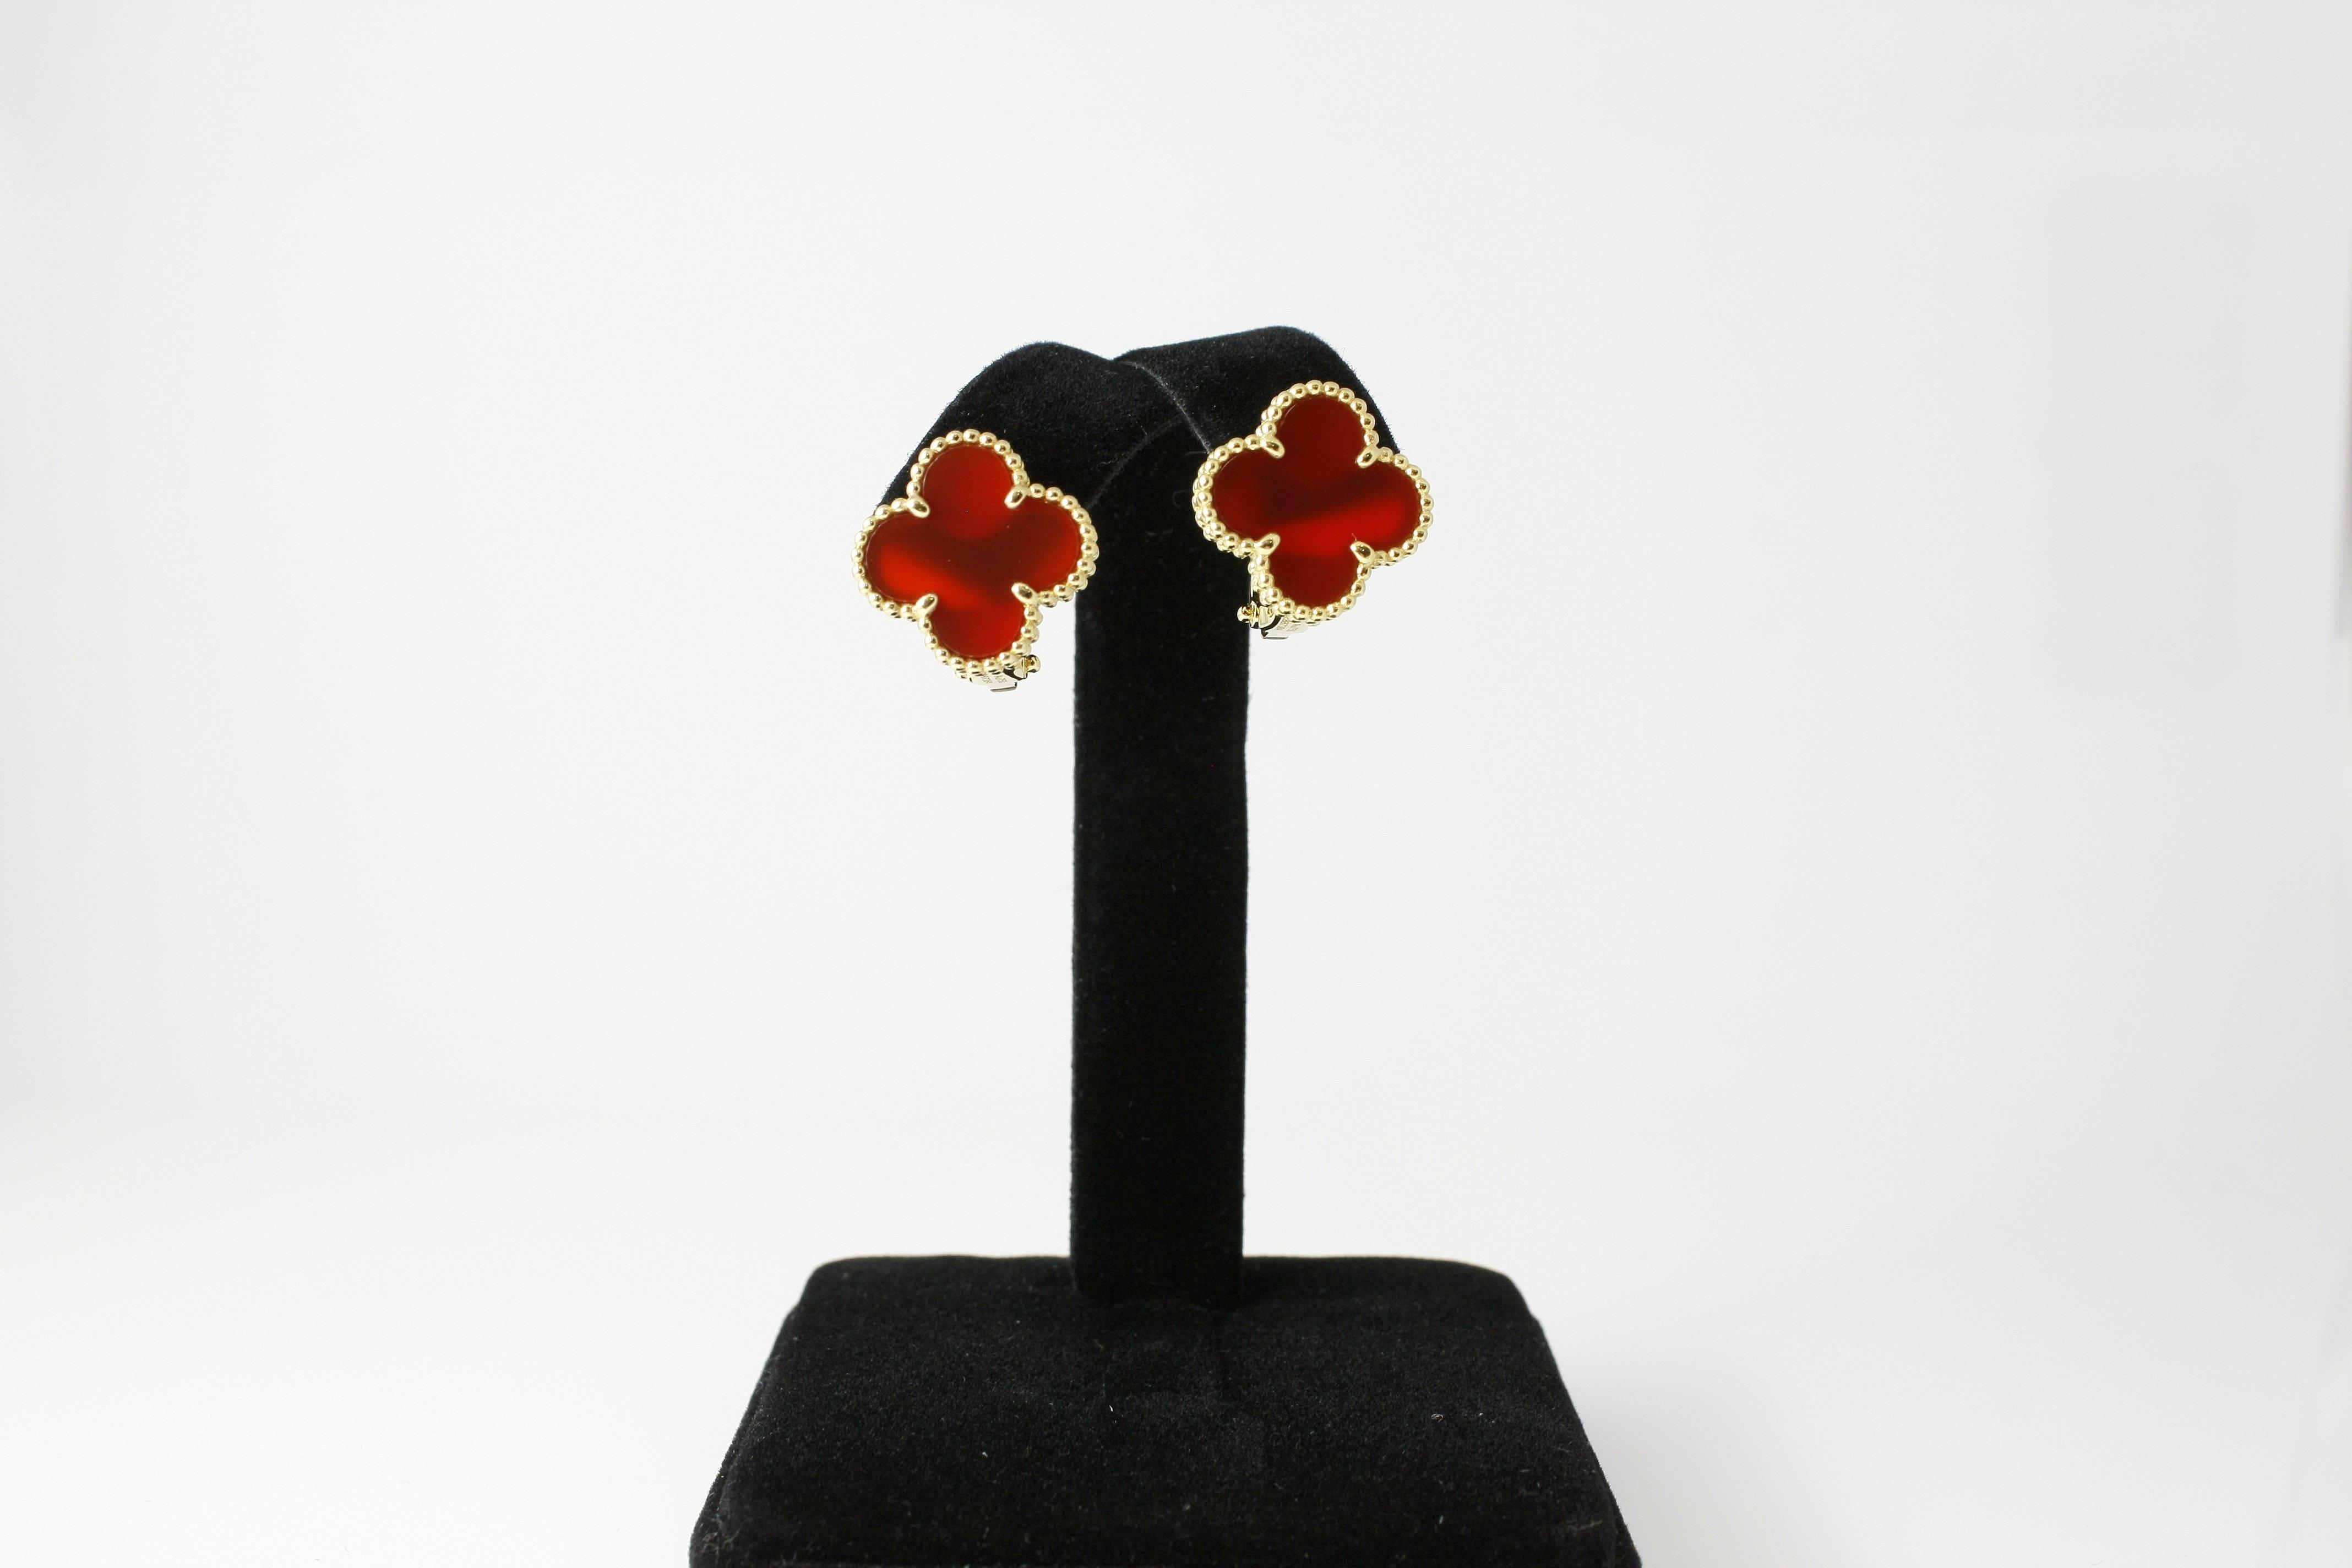 Van Cleef & Arpels Alhambra Earrings - $3,000